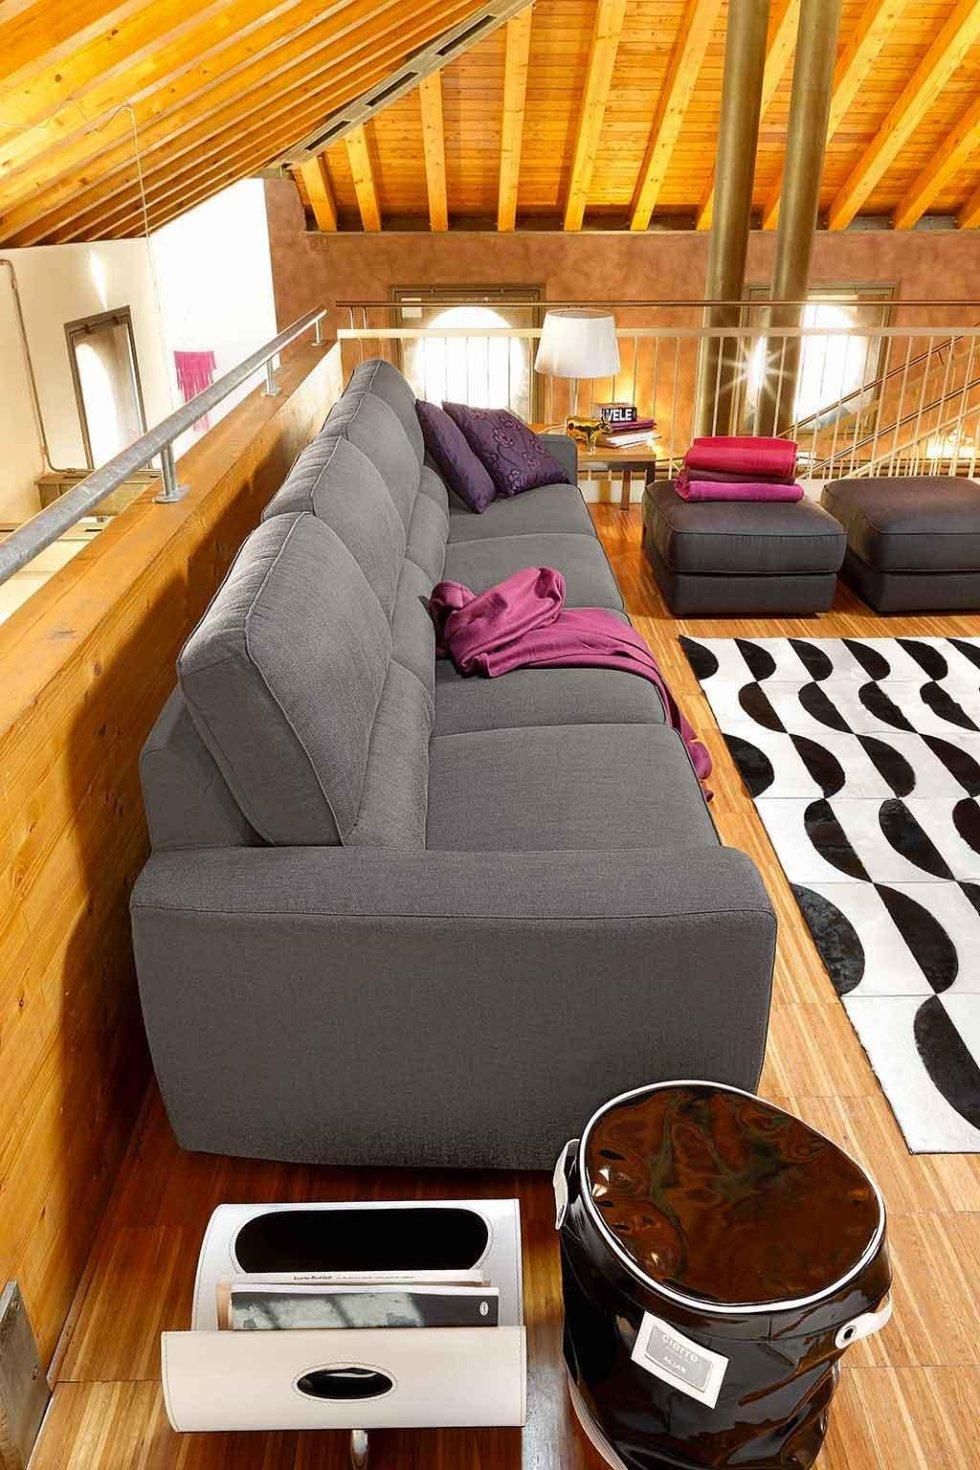 Progetto divano grigio in mansarda